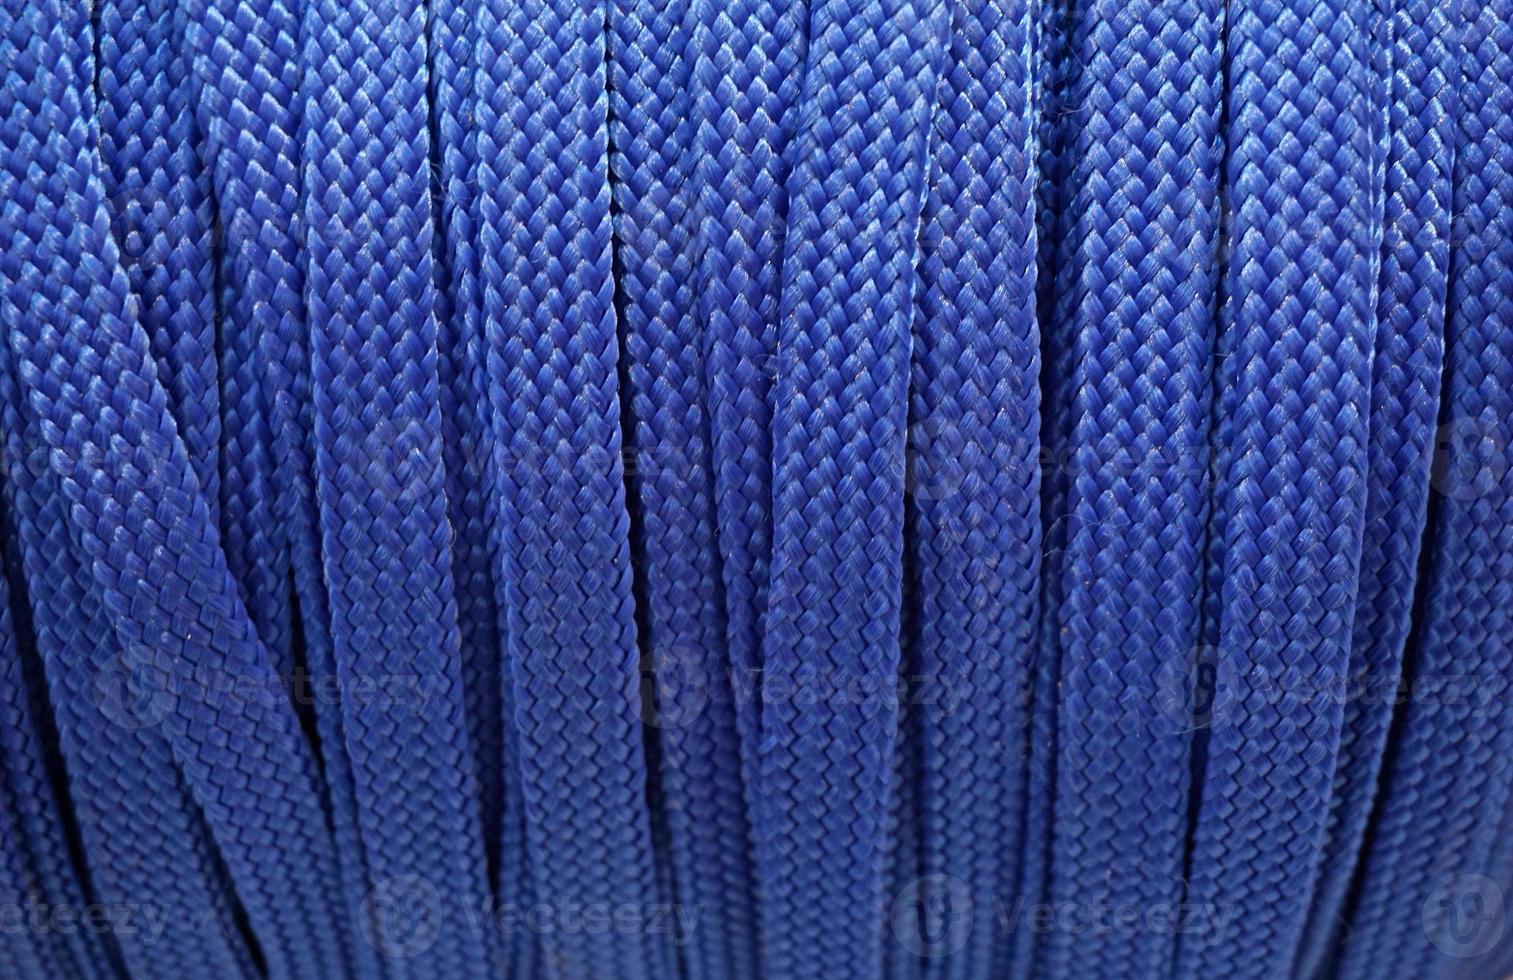 fond de chaussures bleues photo